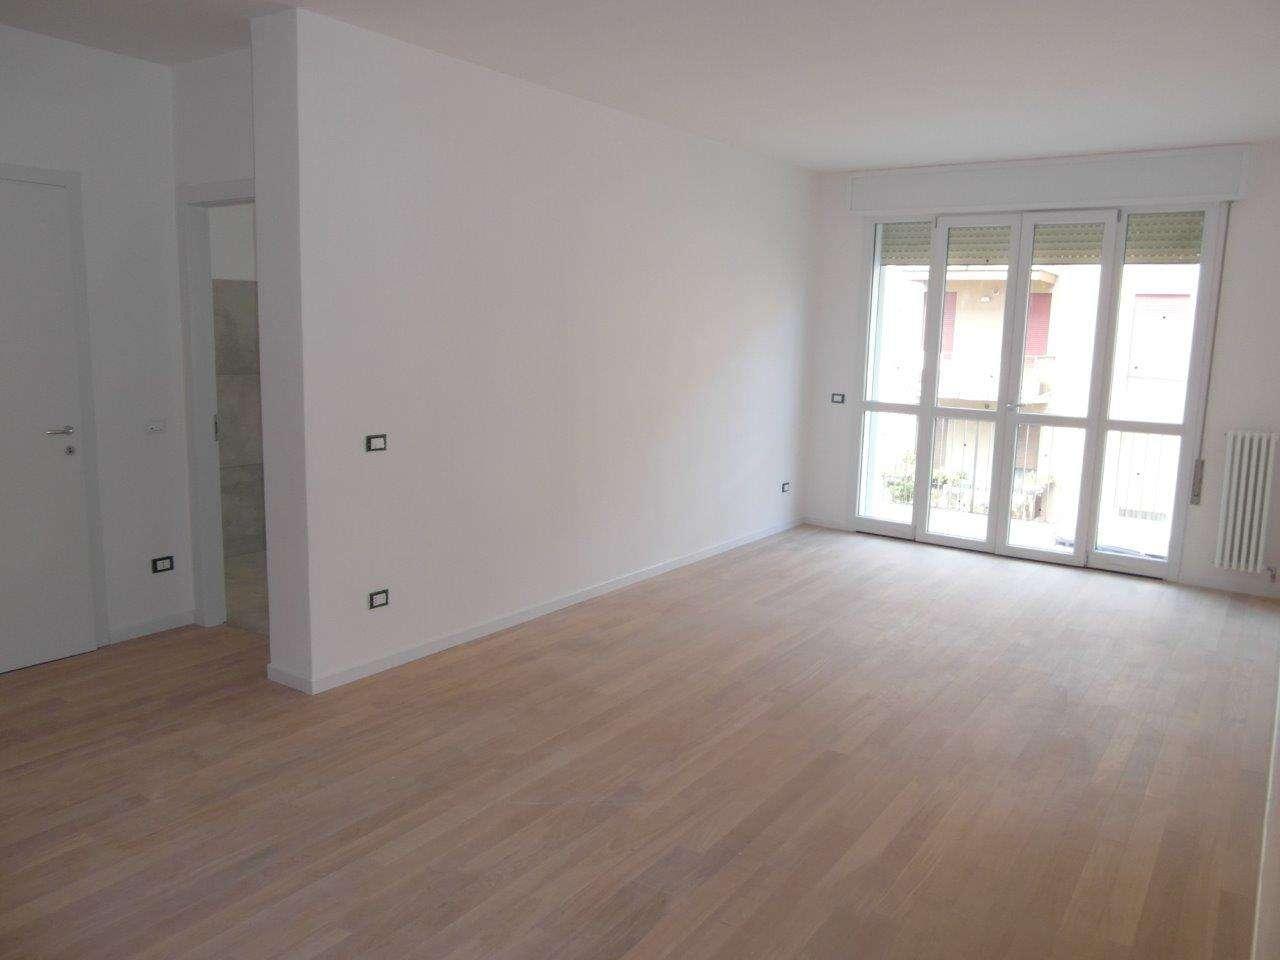 Appartamento in vendita a Padova, 4 locali, zona Zona: 4 . Sud-Est (S.Croce-S. Osvaldo, Bassanello-Voltabarozzo), prezzo € 154.000 | CambioCasa.it